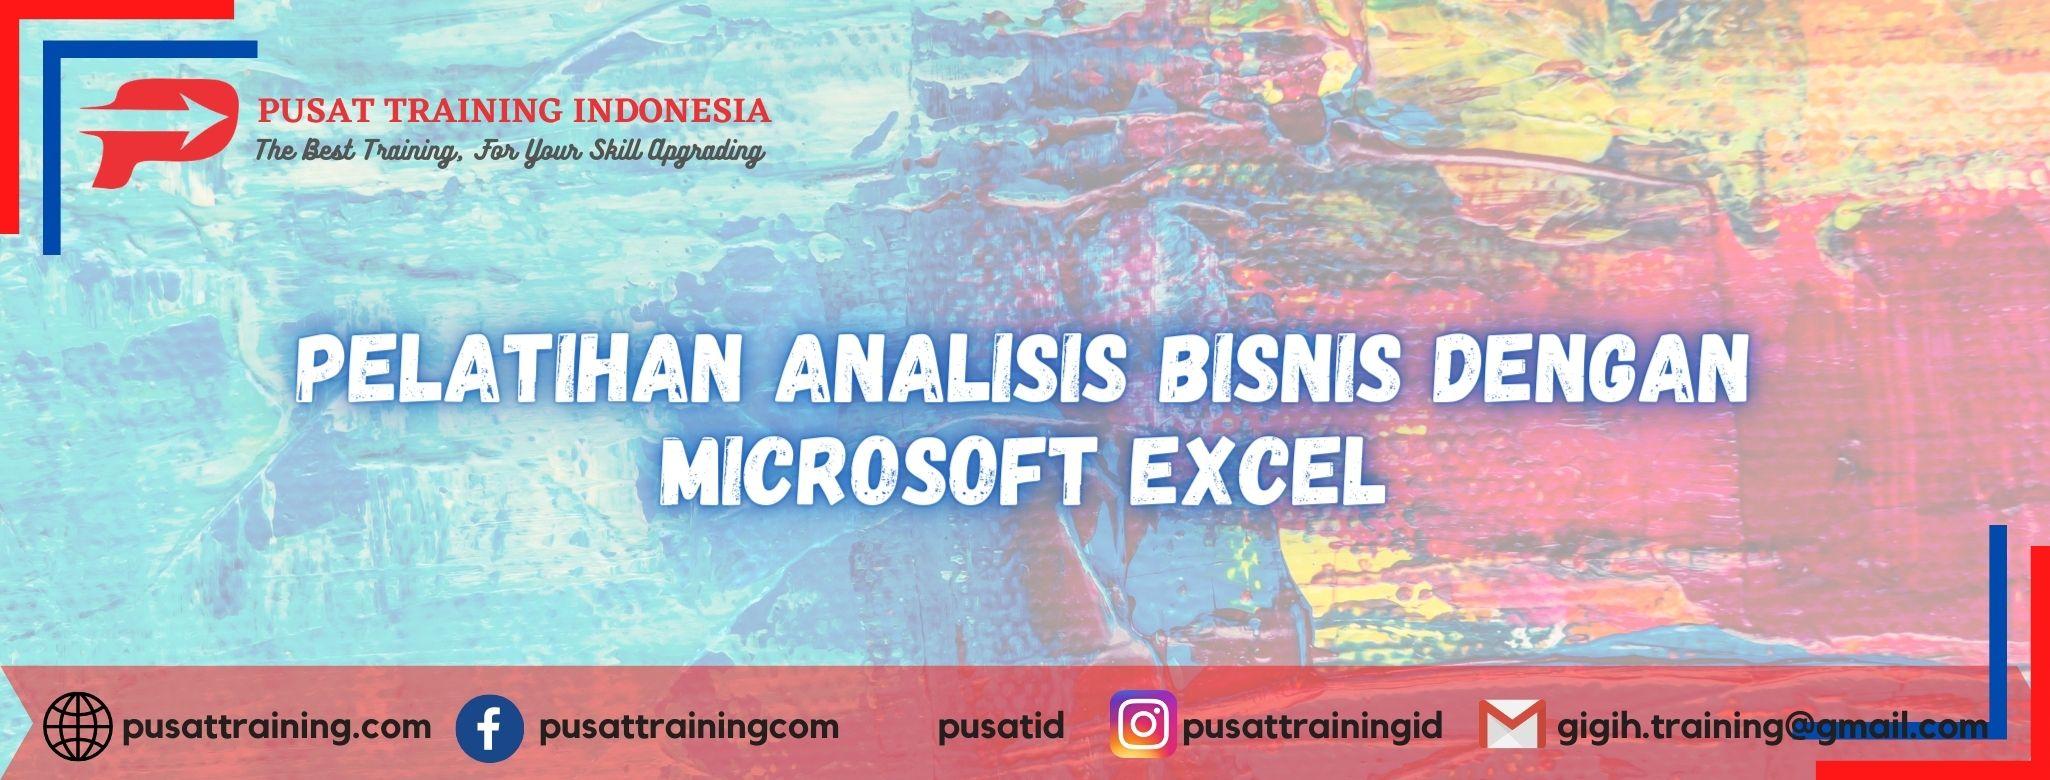 Pelatihan-Analisis-Bisnis-dengan-Microsoft-Excel